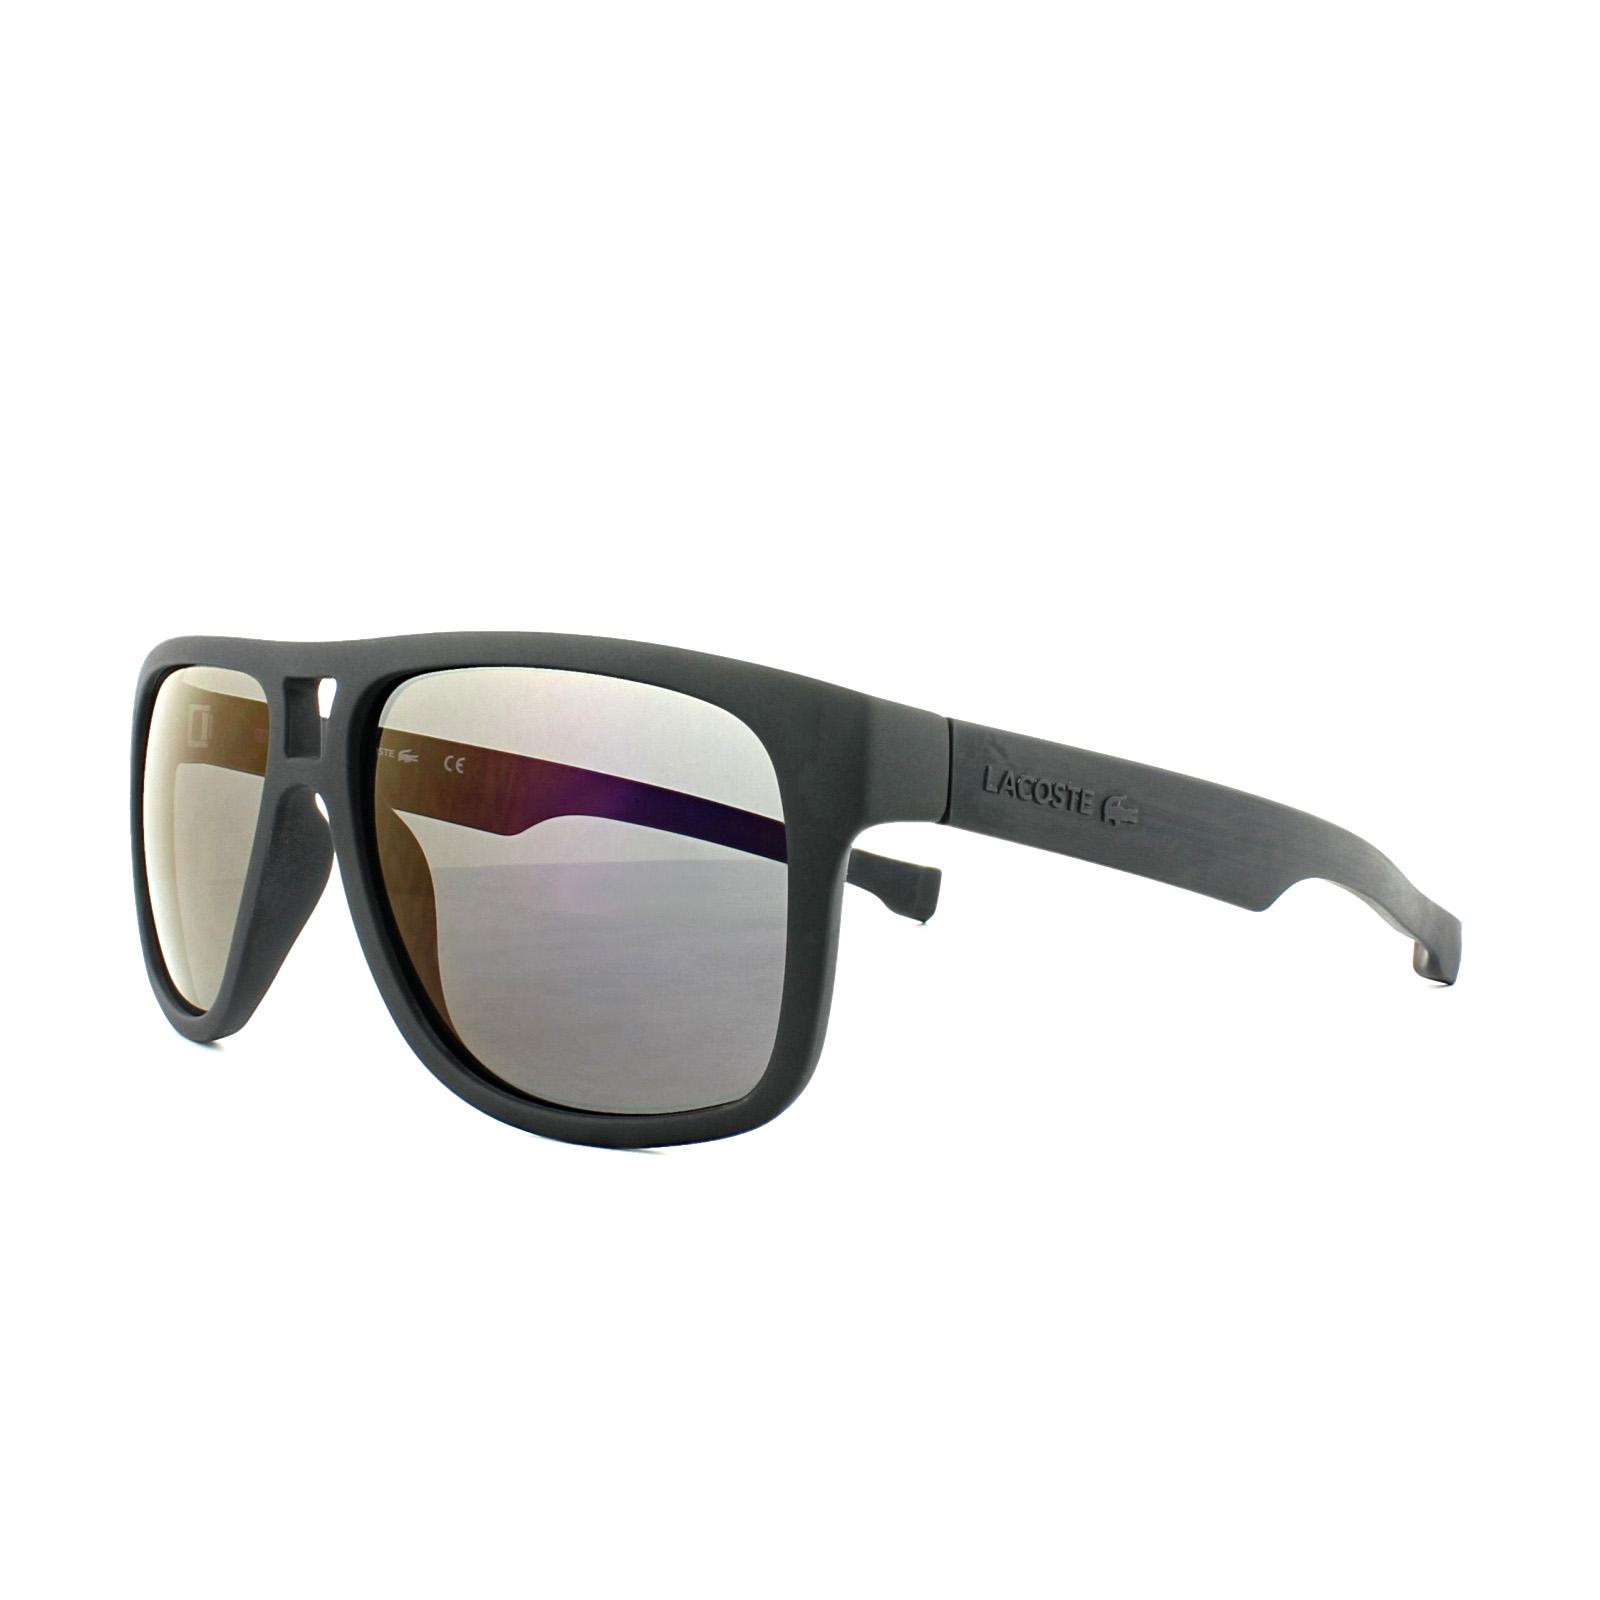 1349a2b64c1b Lacoste Sunglasses L817S 004 Matt Black Dark Grey 886895304177